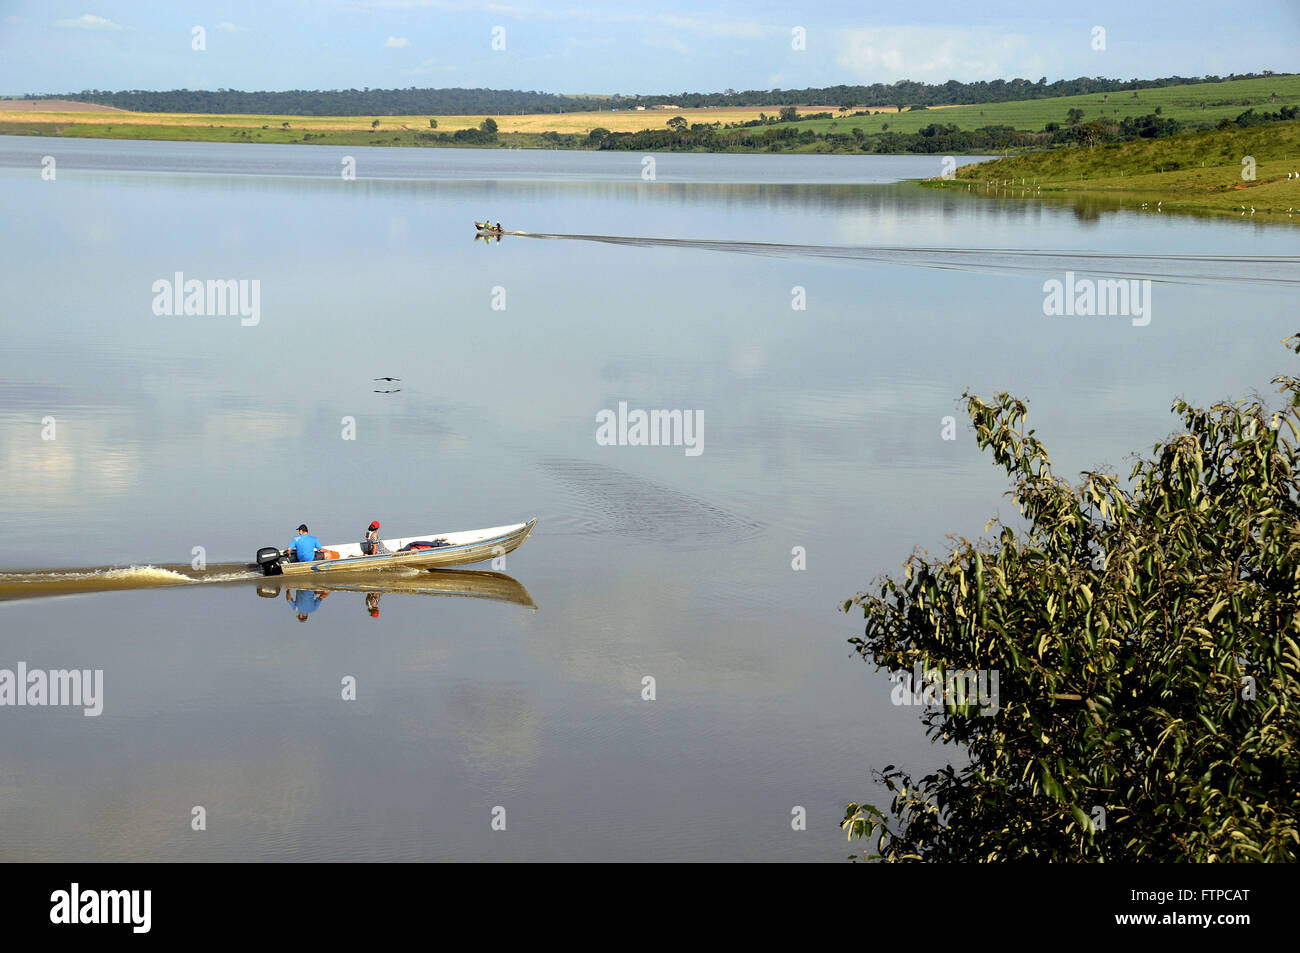 Los pescadores de la presa del río Piracicaba - Barra Bonita Presa Foto de stock